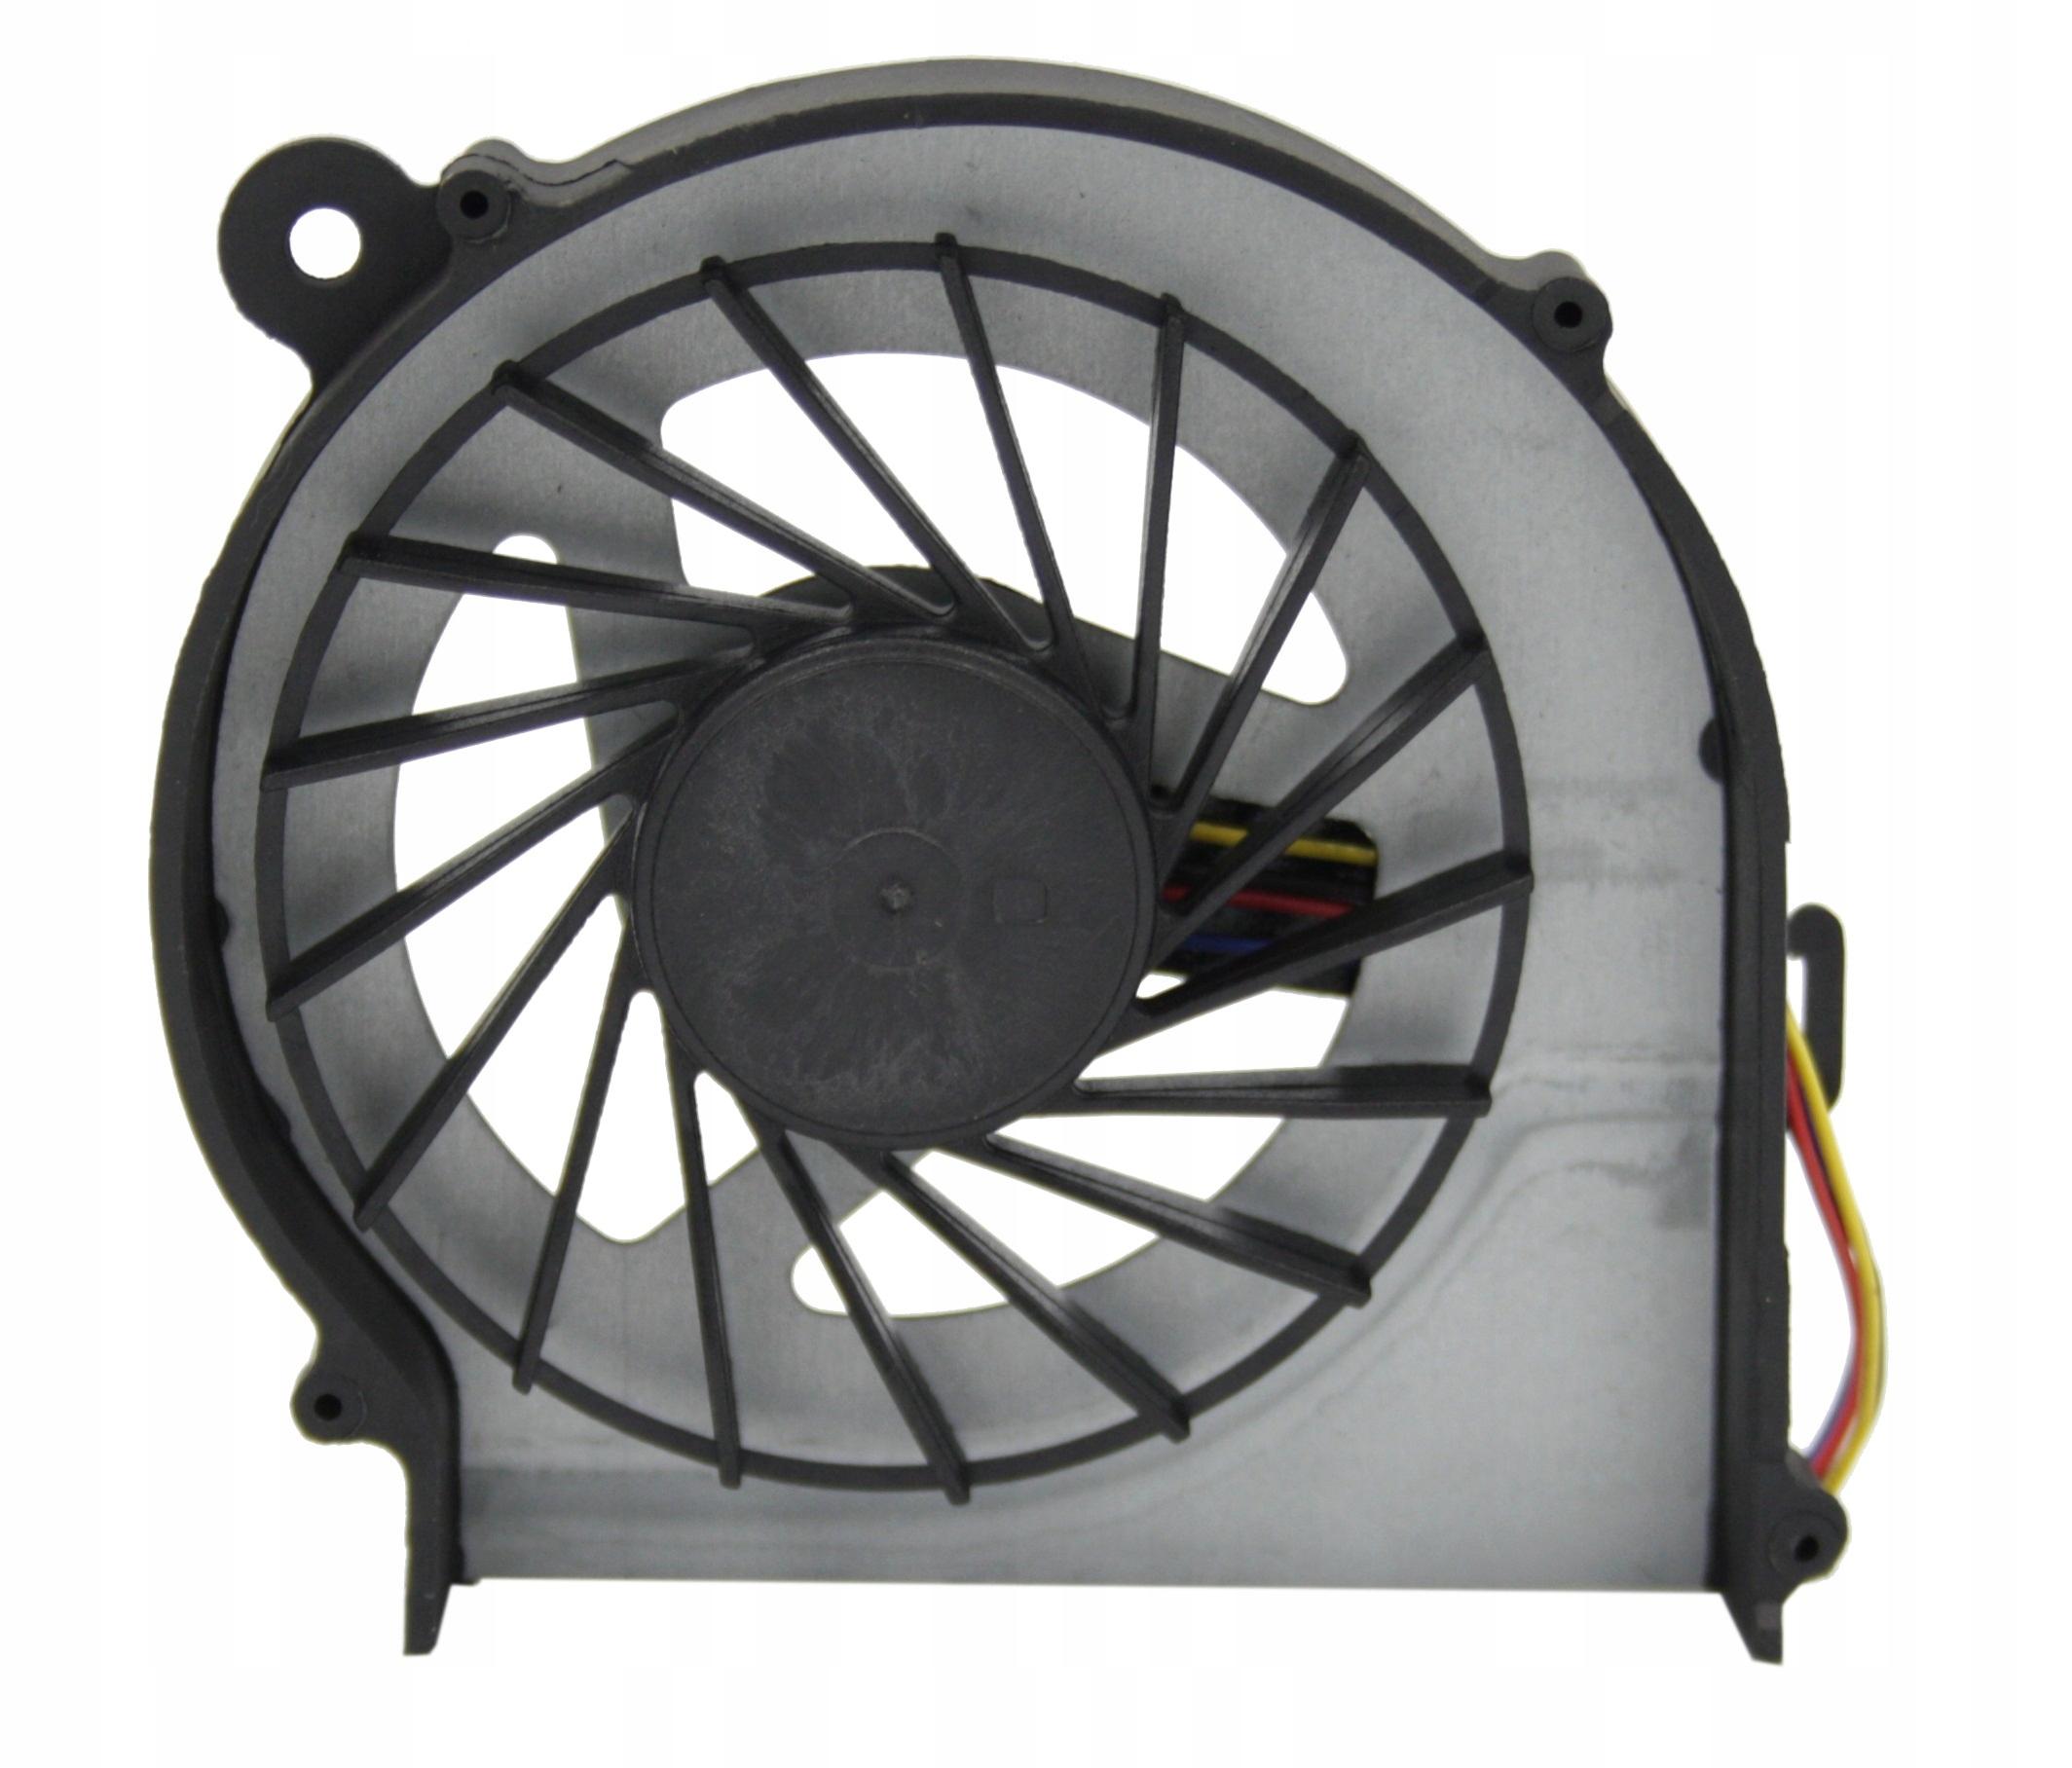 WENTYLATOR CHŁODZENIE WIATRAK HP COMPAQ CQ72 G72 - Wentylatory i radiatory